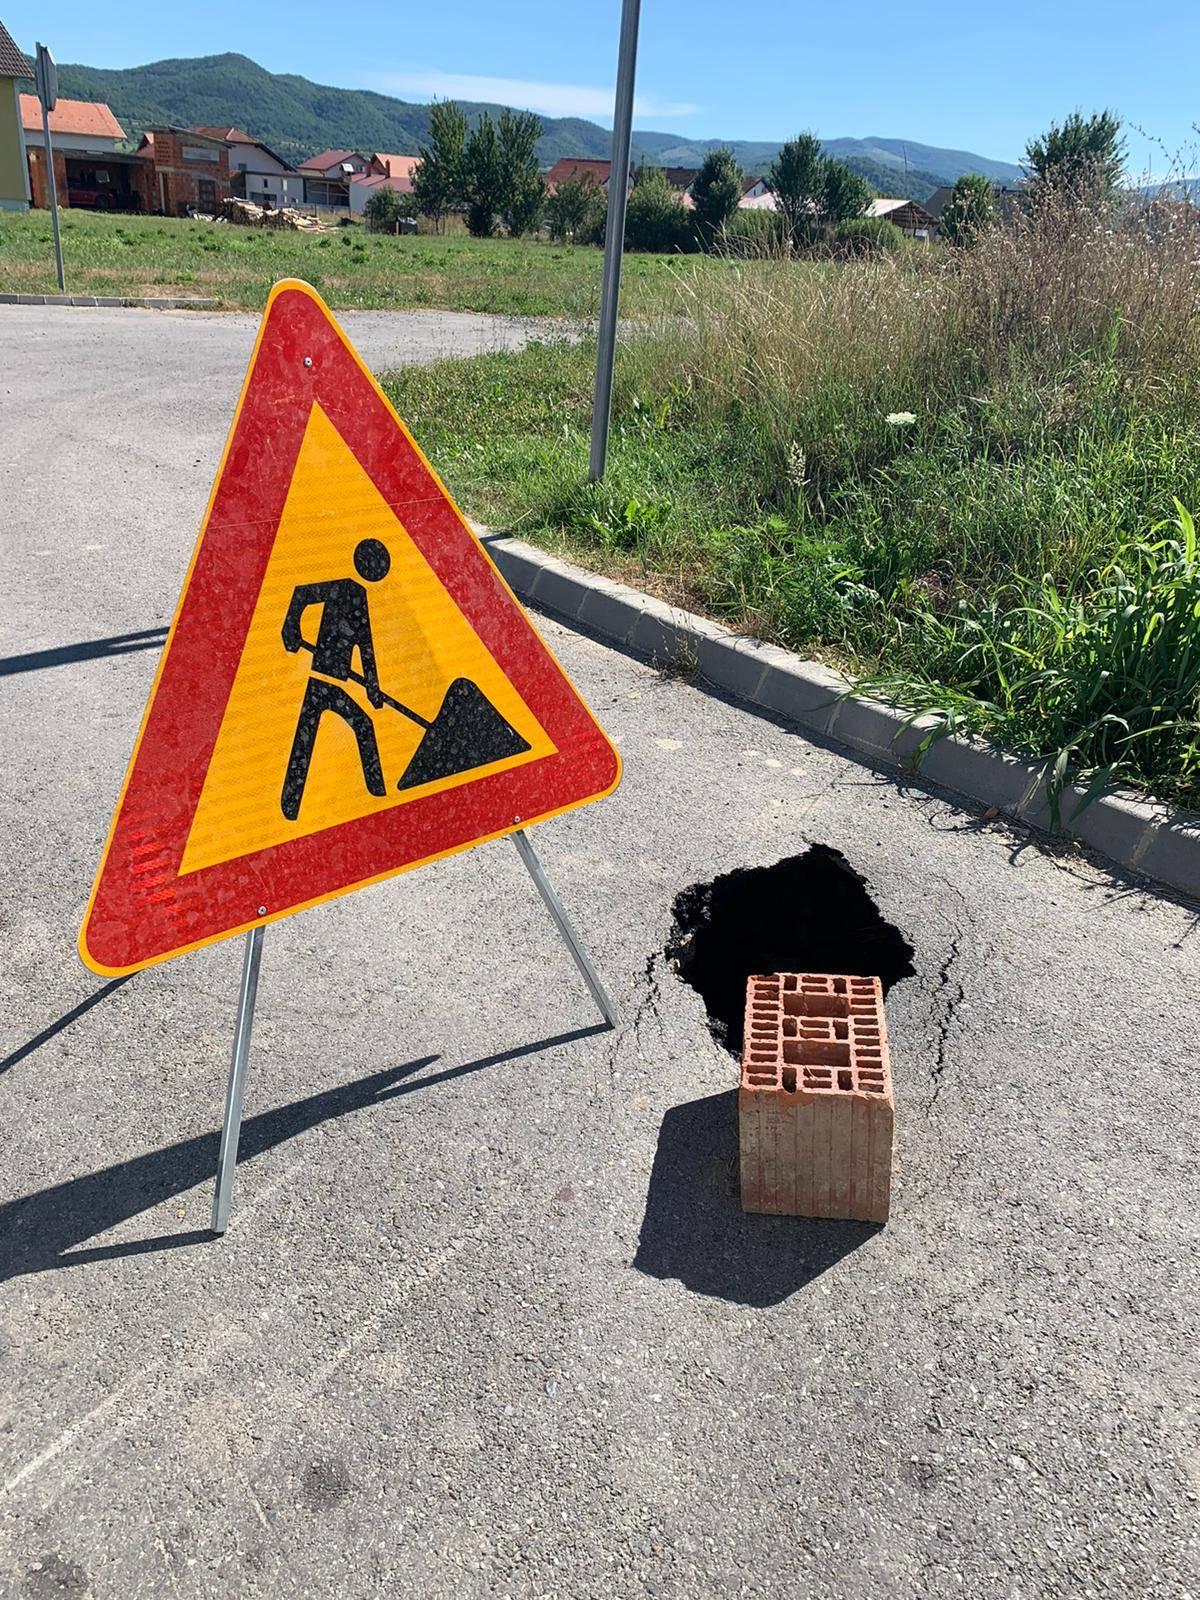 U Požegi umjesto da se sanira rupa na kolniku po hitnom postupku, nadležni postavili znak i građevinski blok